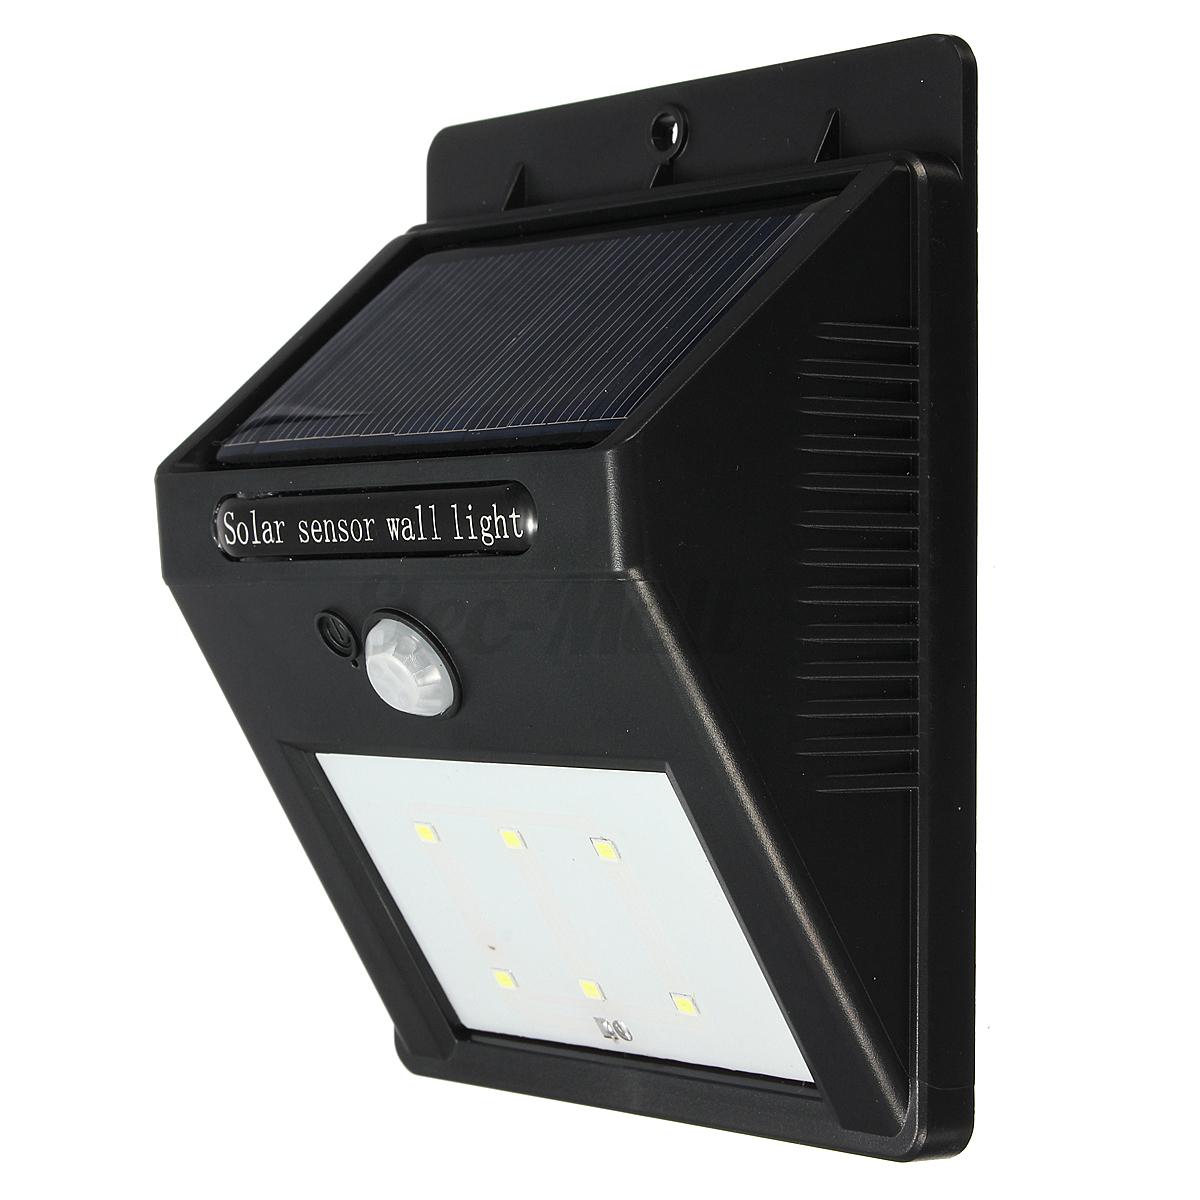 Etanche 6led pir lampe solaire murale lumi re d tecteur mouvement ext rieur cour ebay - Lumiere solaire exterieur ...